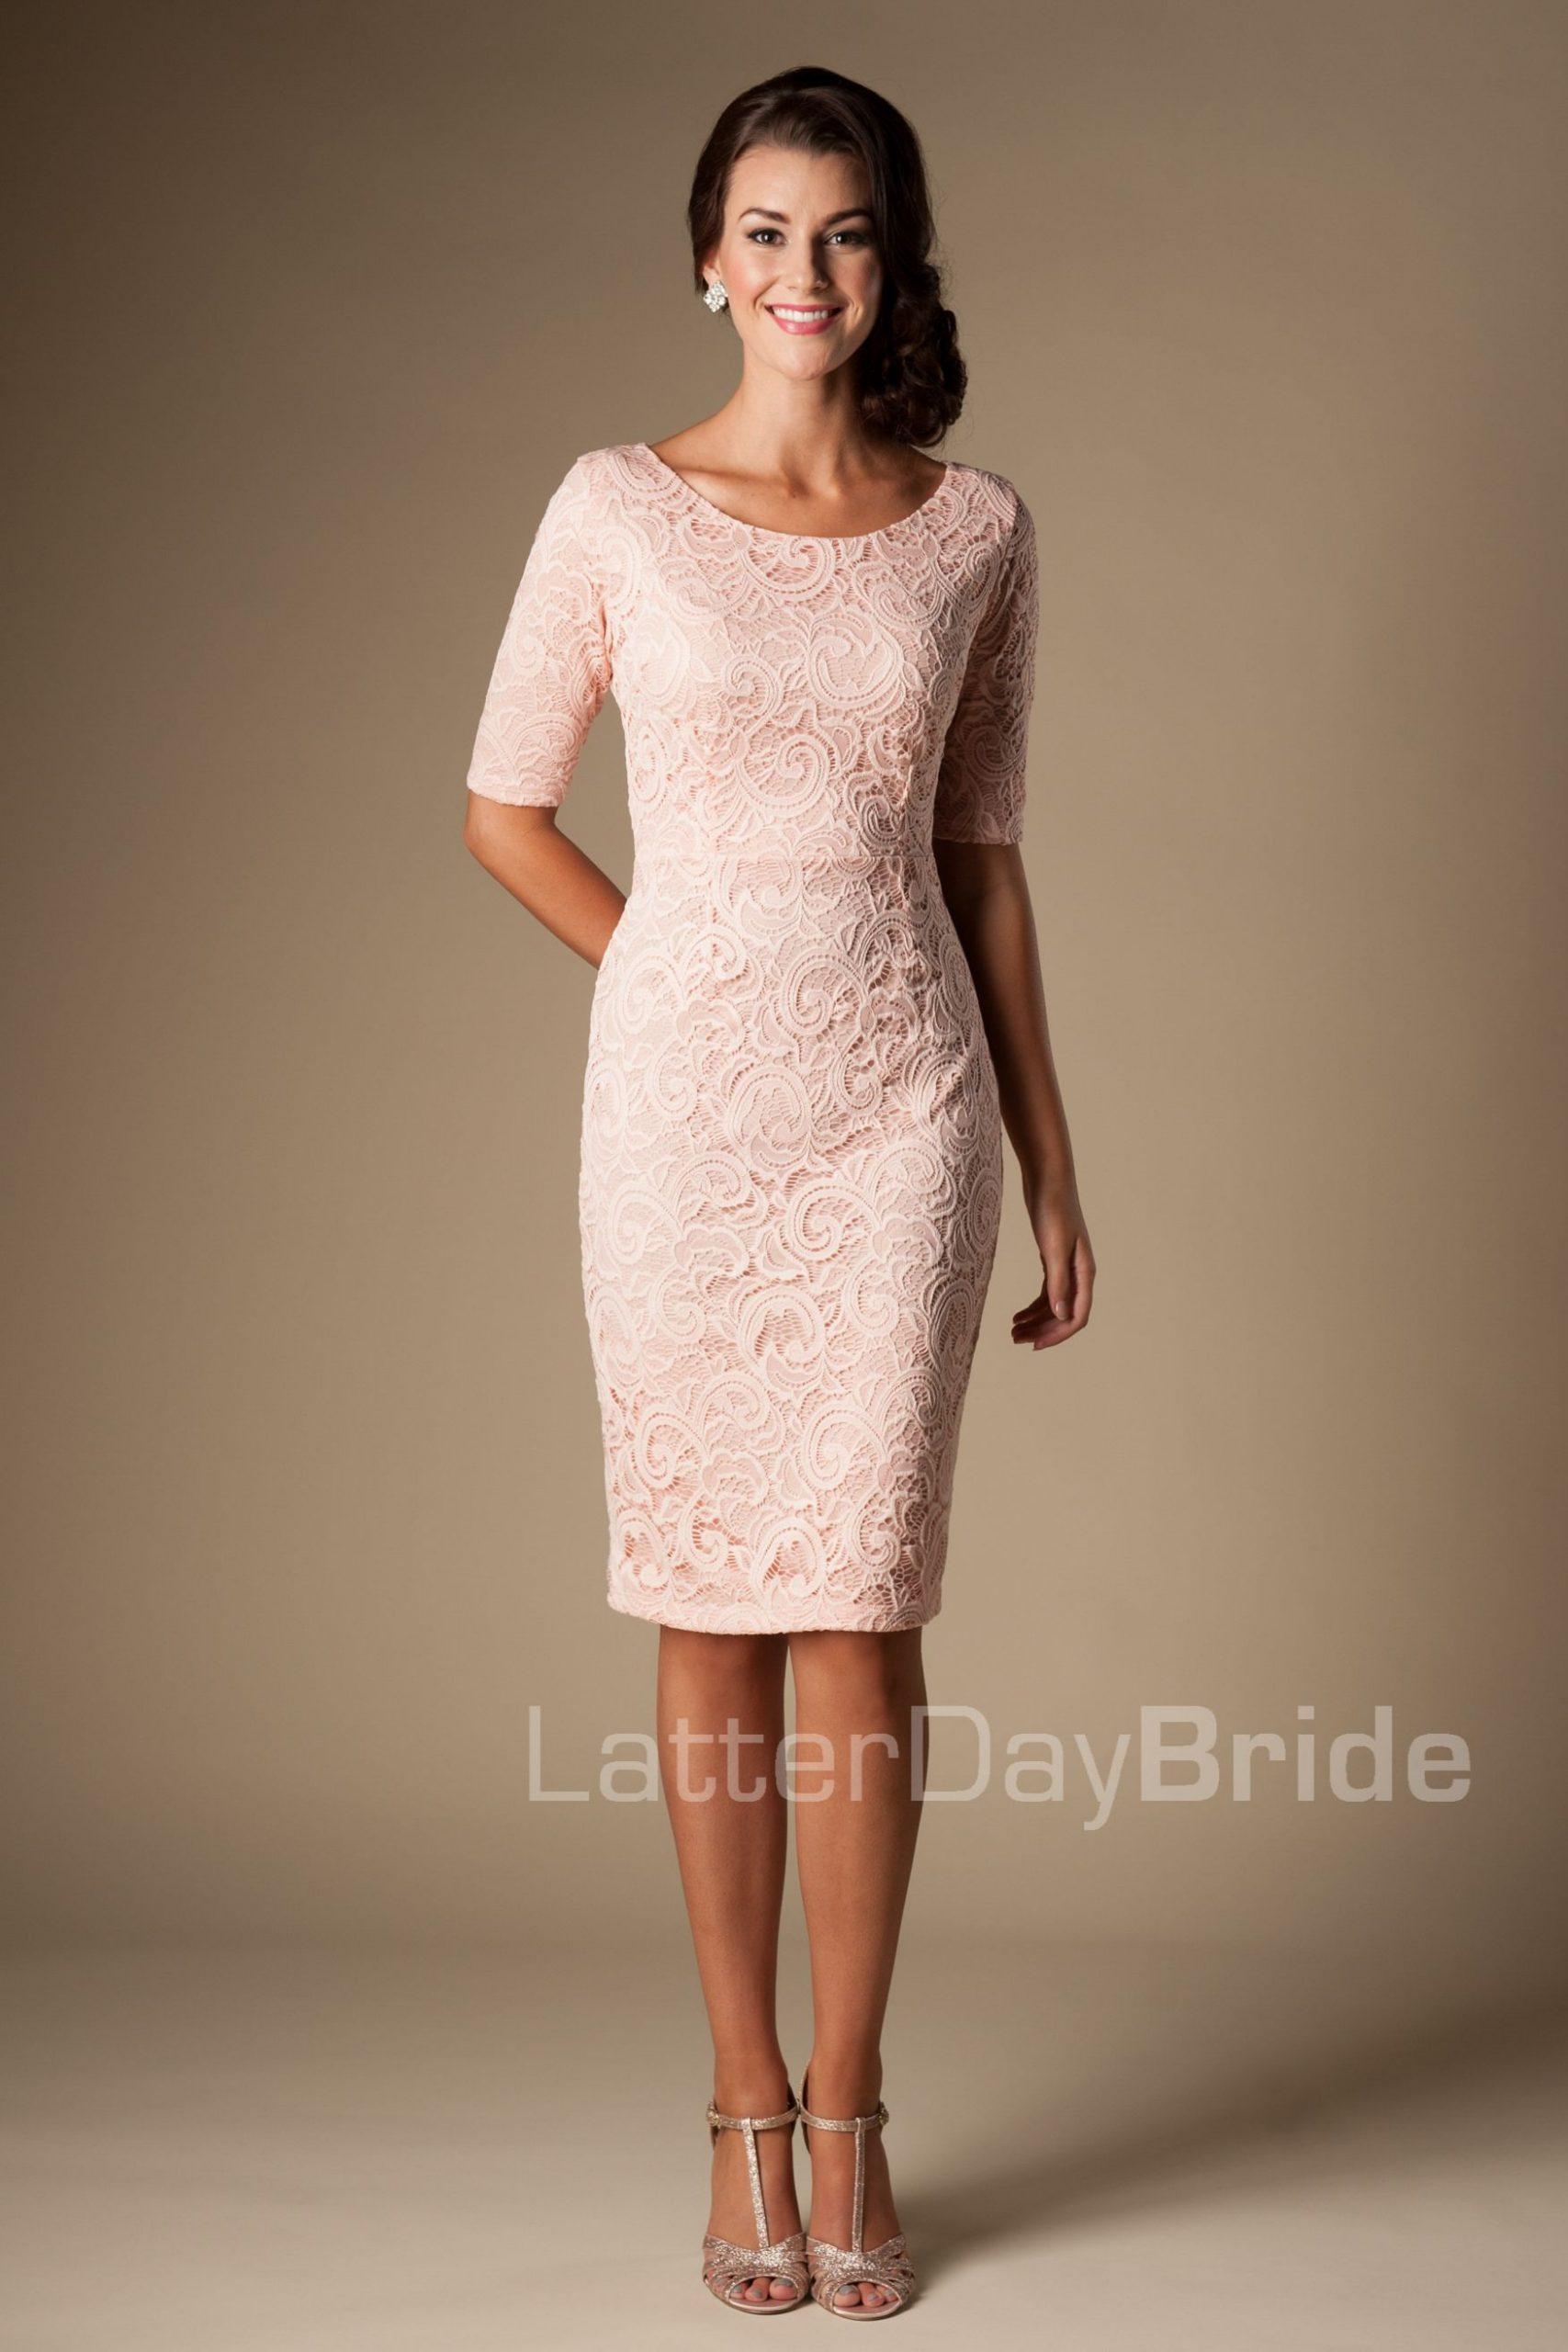 13 Top Kleider Für Eine Hochzeit ÄrmelAbend Genial Kleider Für Eine Hochzeit Ärmel